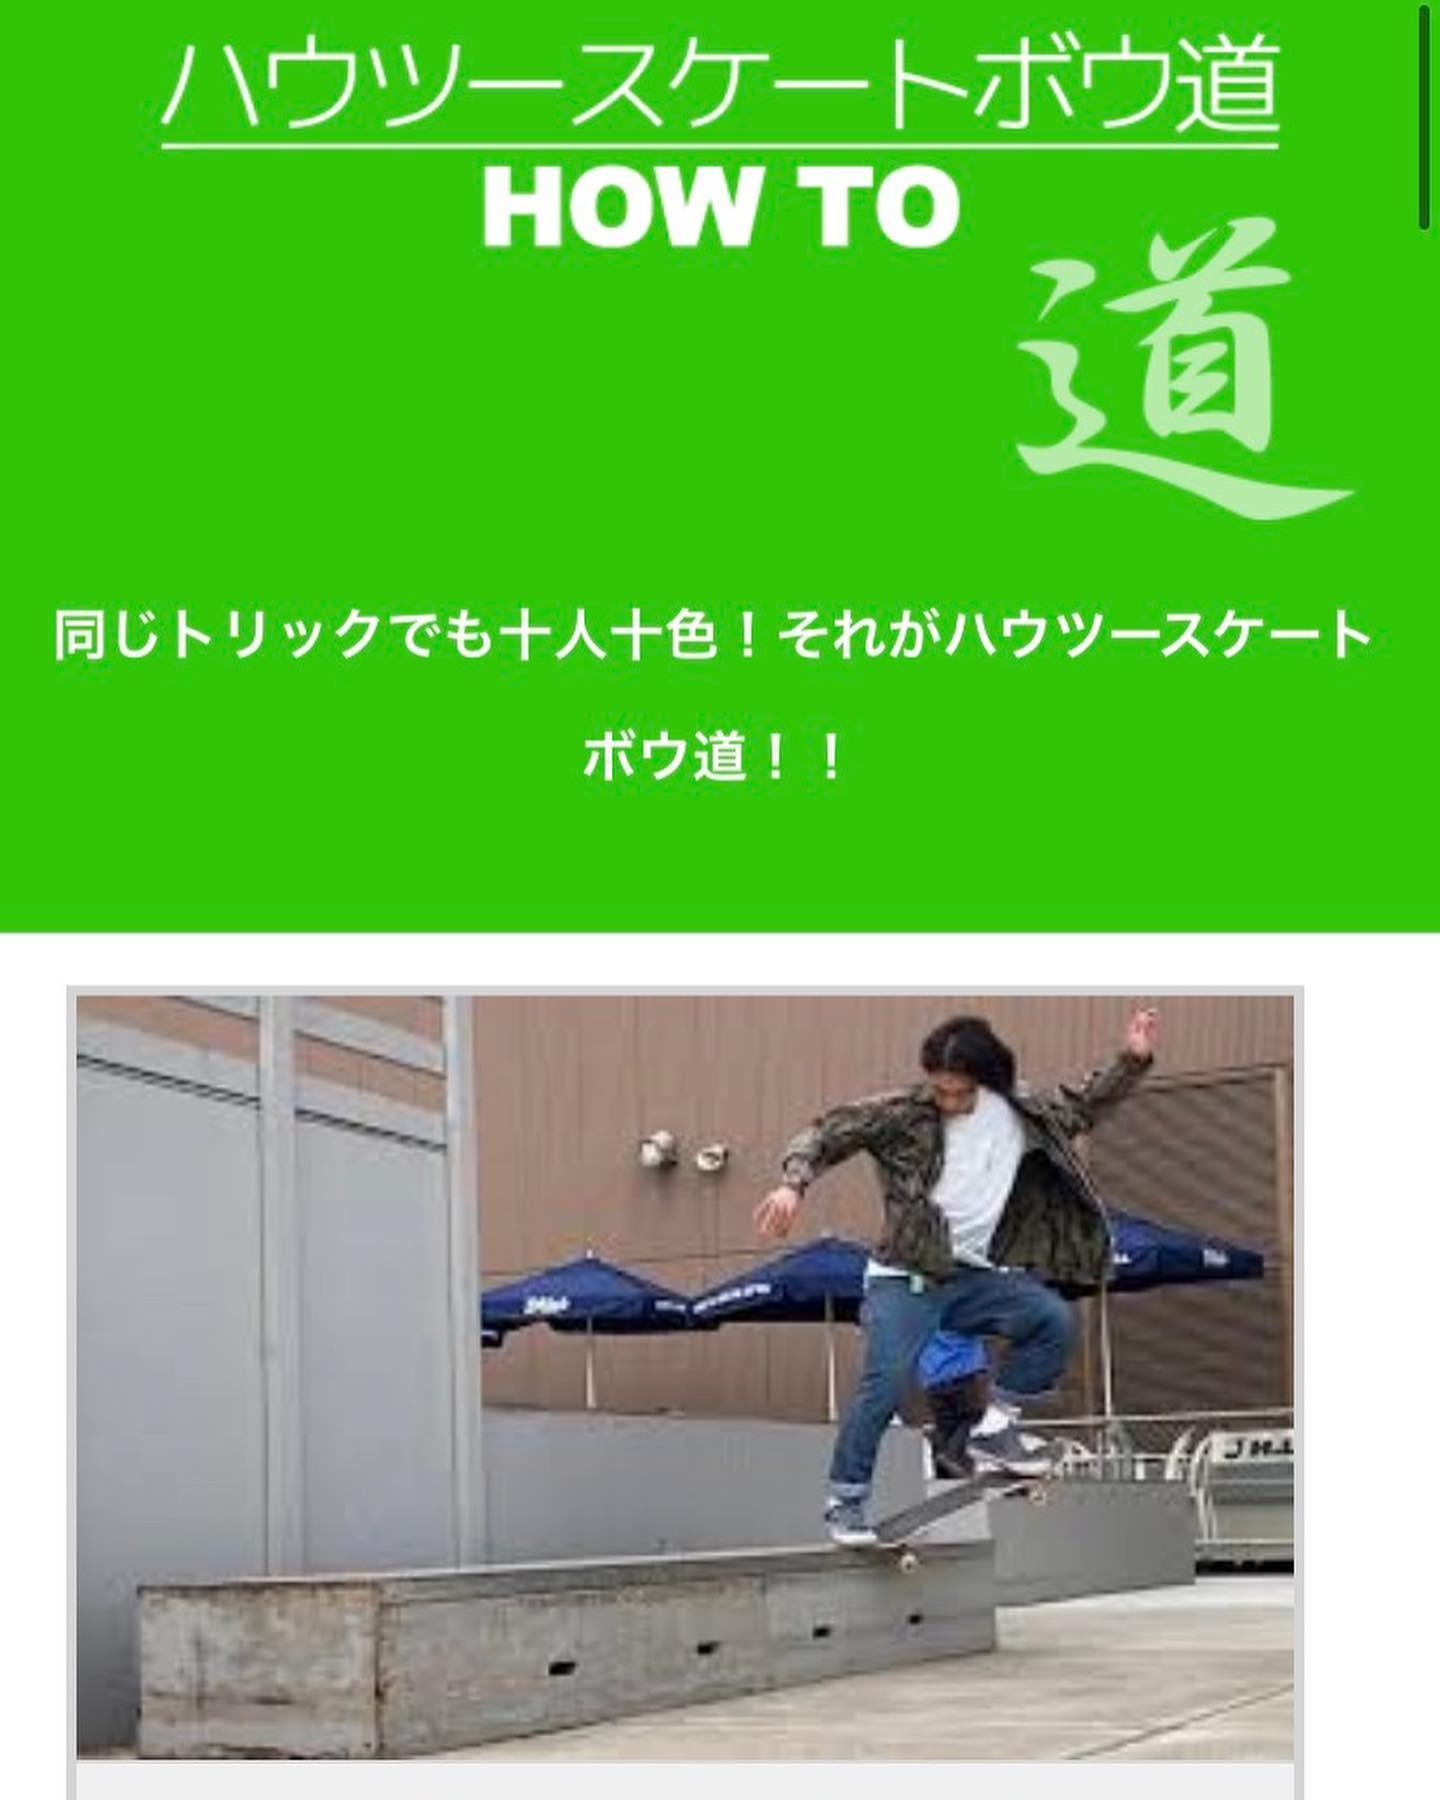 【ハウツースケートボウ道】&【元祖デッキ拝見!】の最新号をUPしました!今回のライダーはお台場店のNEWスタッフのニッシー( @koutamota95 )です!以下のLINKよりご覧頂けますhttps://instants.co.jp#ハウツースケートボウ道 #元祖デッキ拝見 #i25tant #instantskateshop